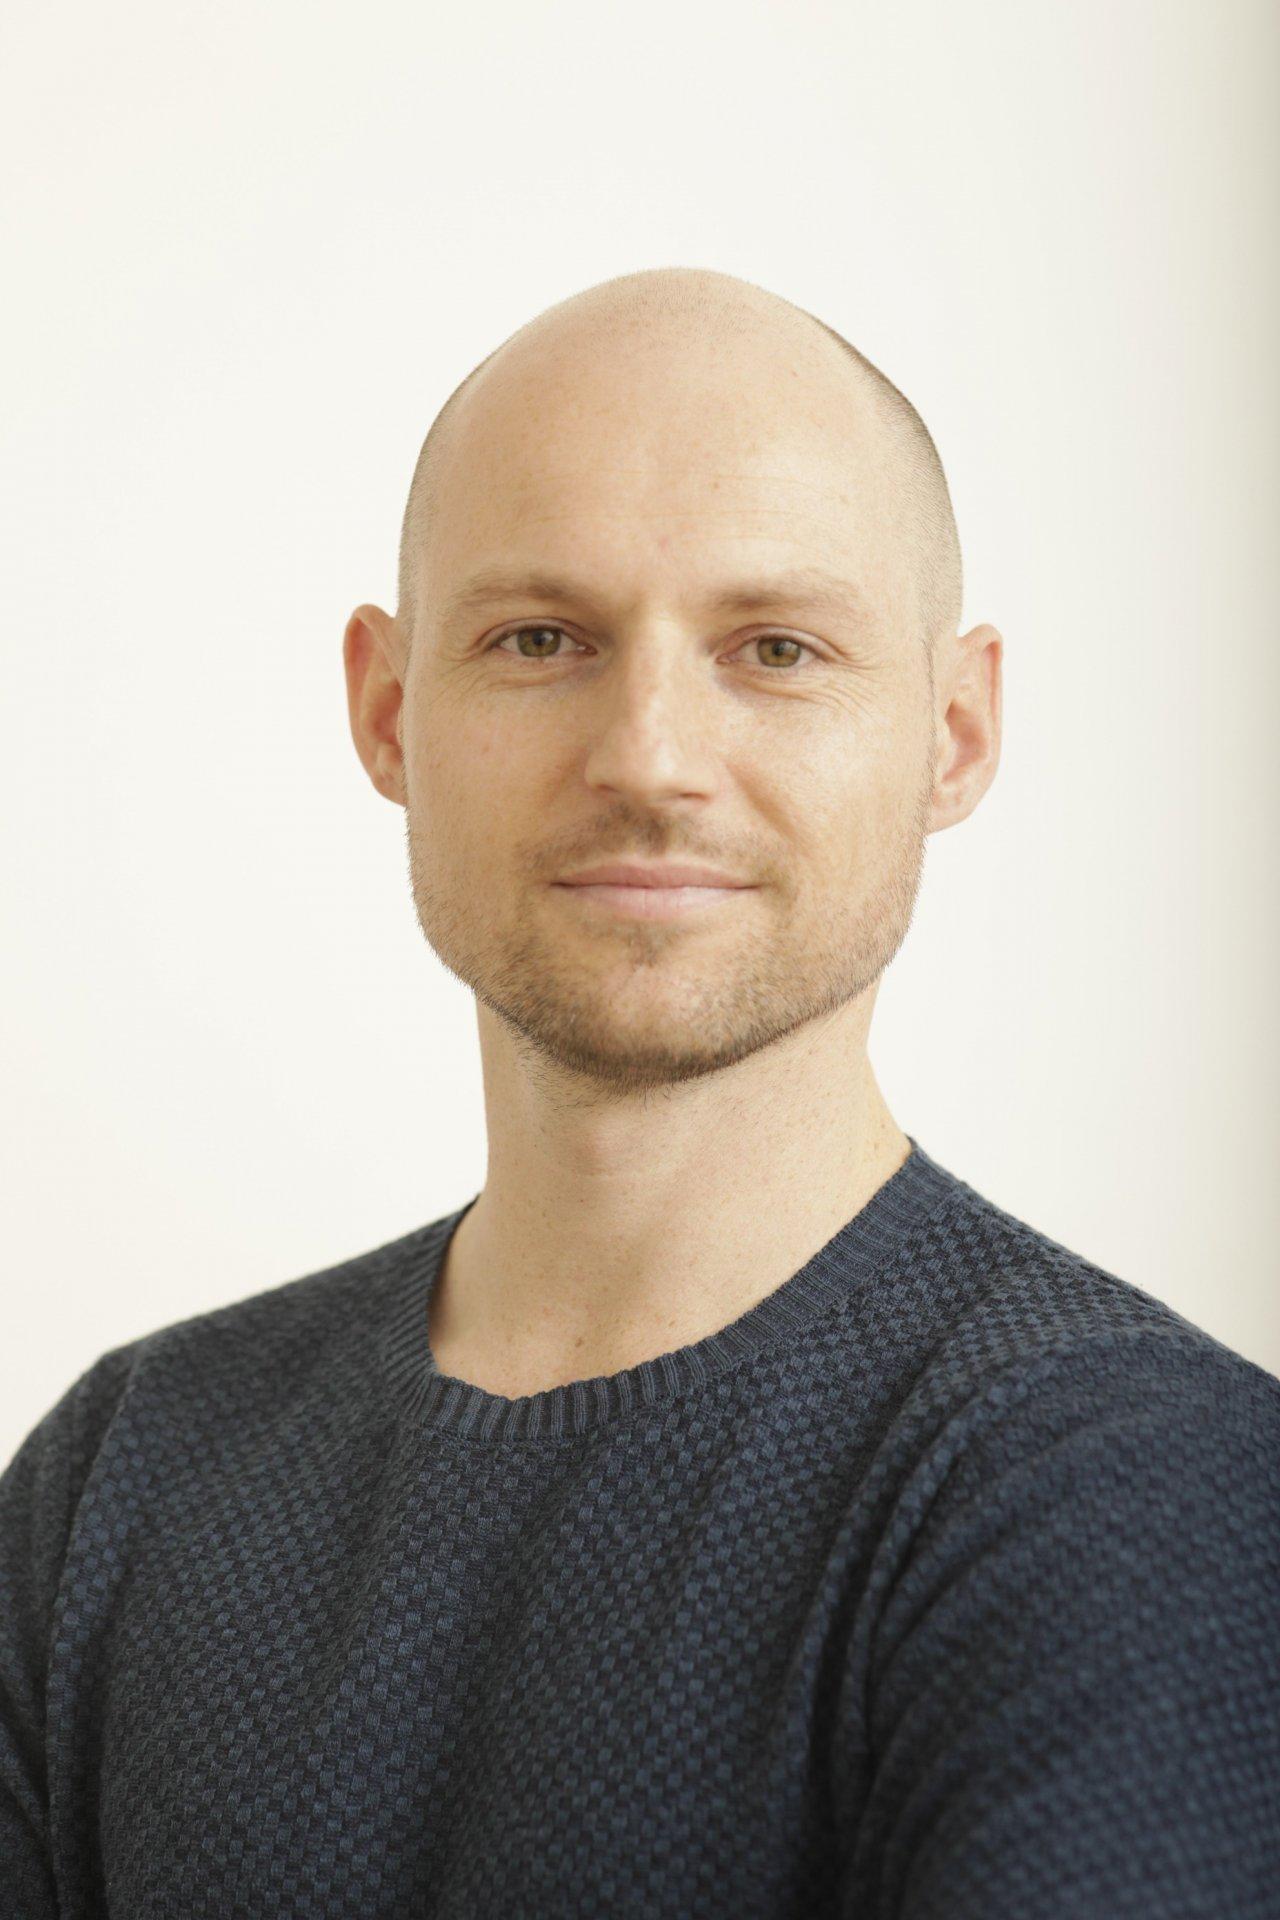 Der Diplom-Physiotherapeut aus Zürich Paul Hörter steht vor einem weißen Hintergrund. Man sieht ihn vom Oberkörper aufwärts. Er hat kurze blonde Haare und trägt ein Liebscher & Bracht Polo T-Shirt.